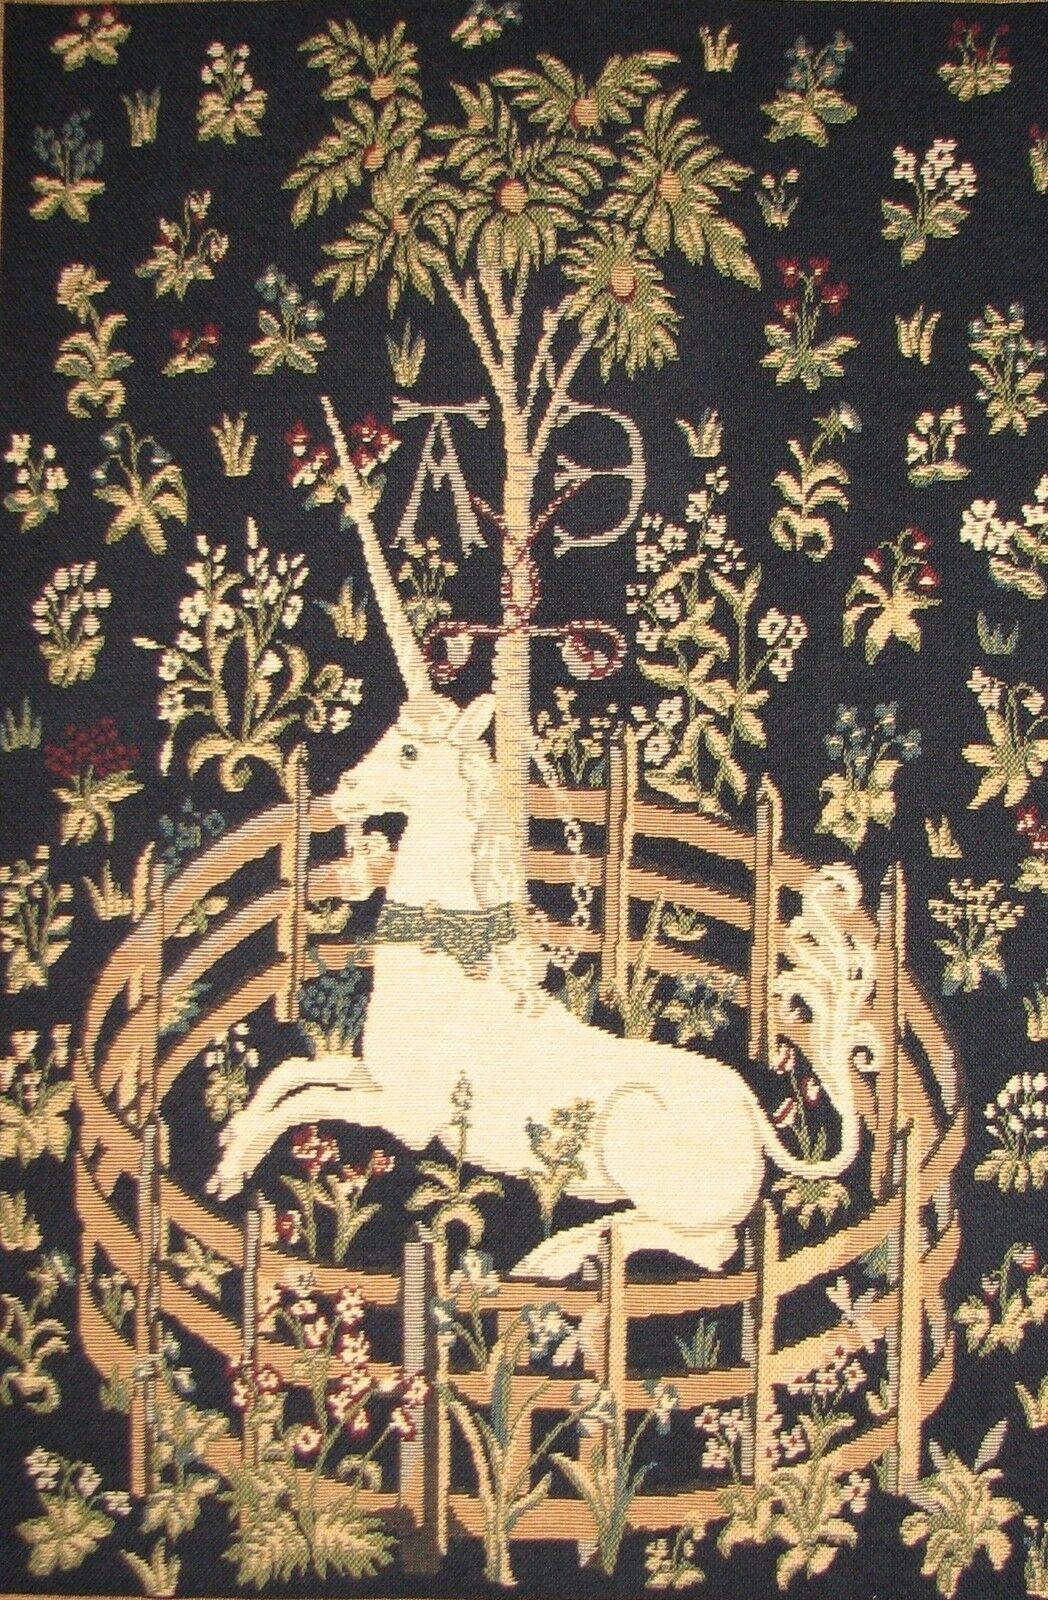 Nouveau 28 x 20 tapestry